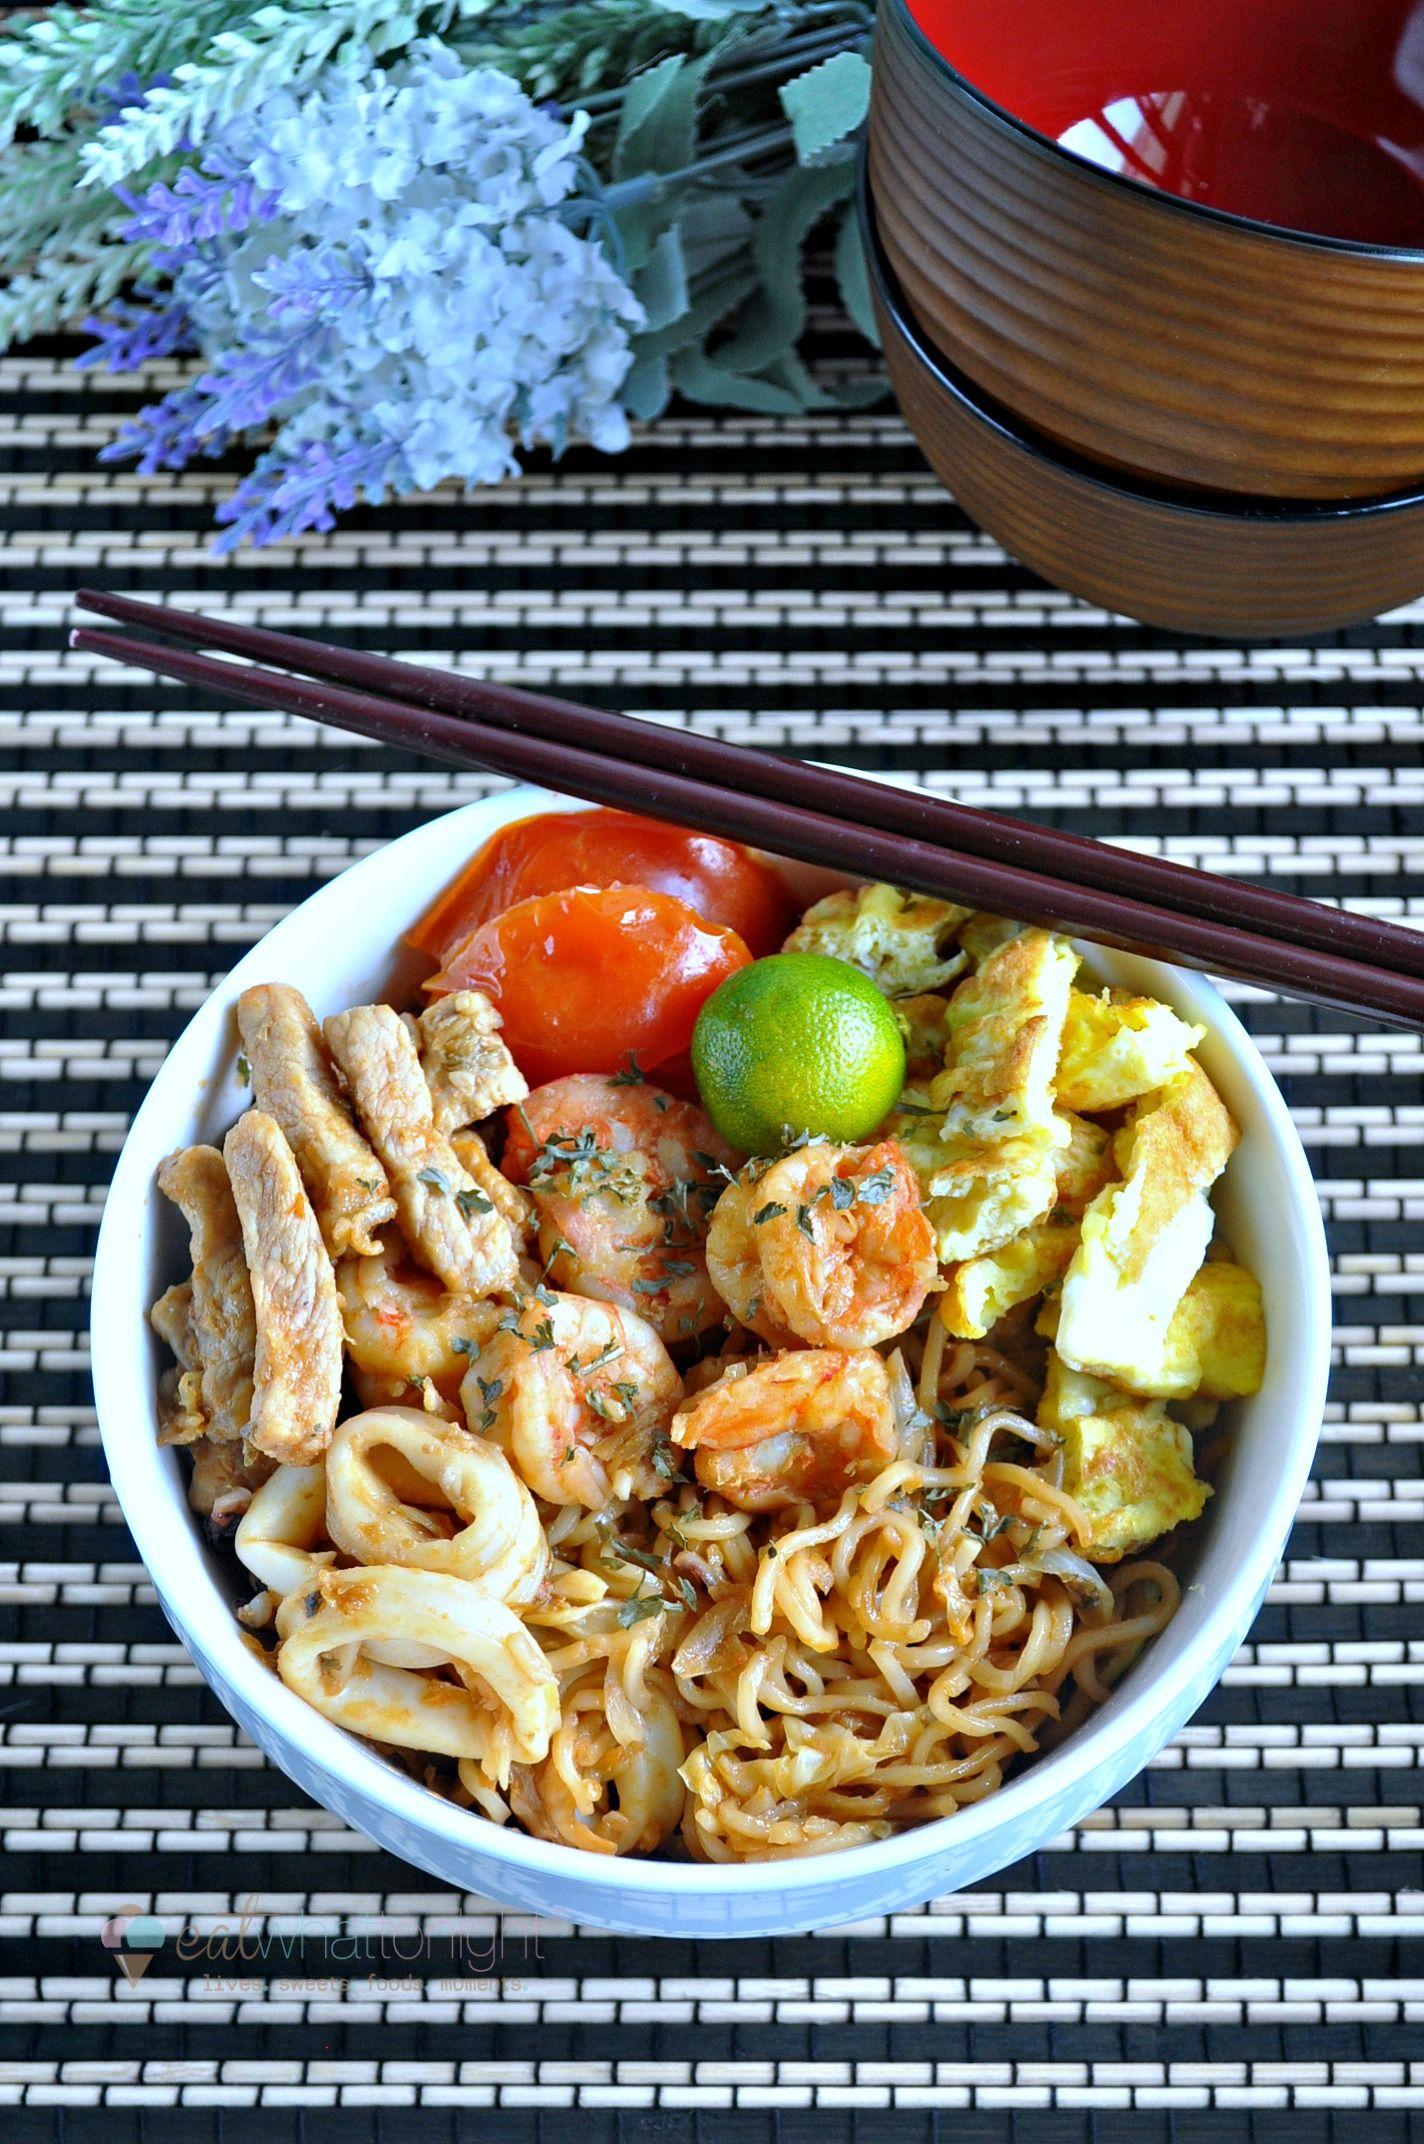 Stir Fried Maggi Goreng Eat What Tonight Recipe Asian Cooking Food Lover Stir Fry